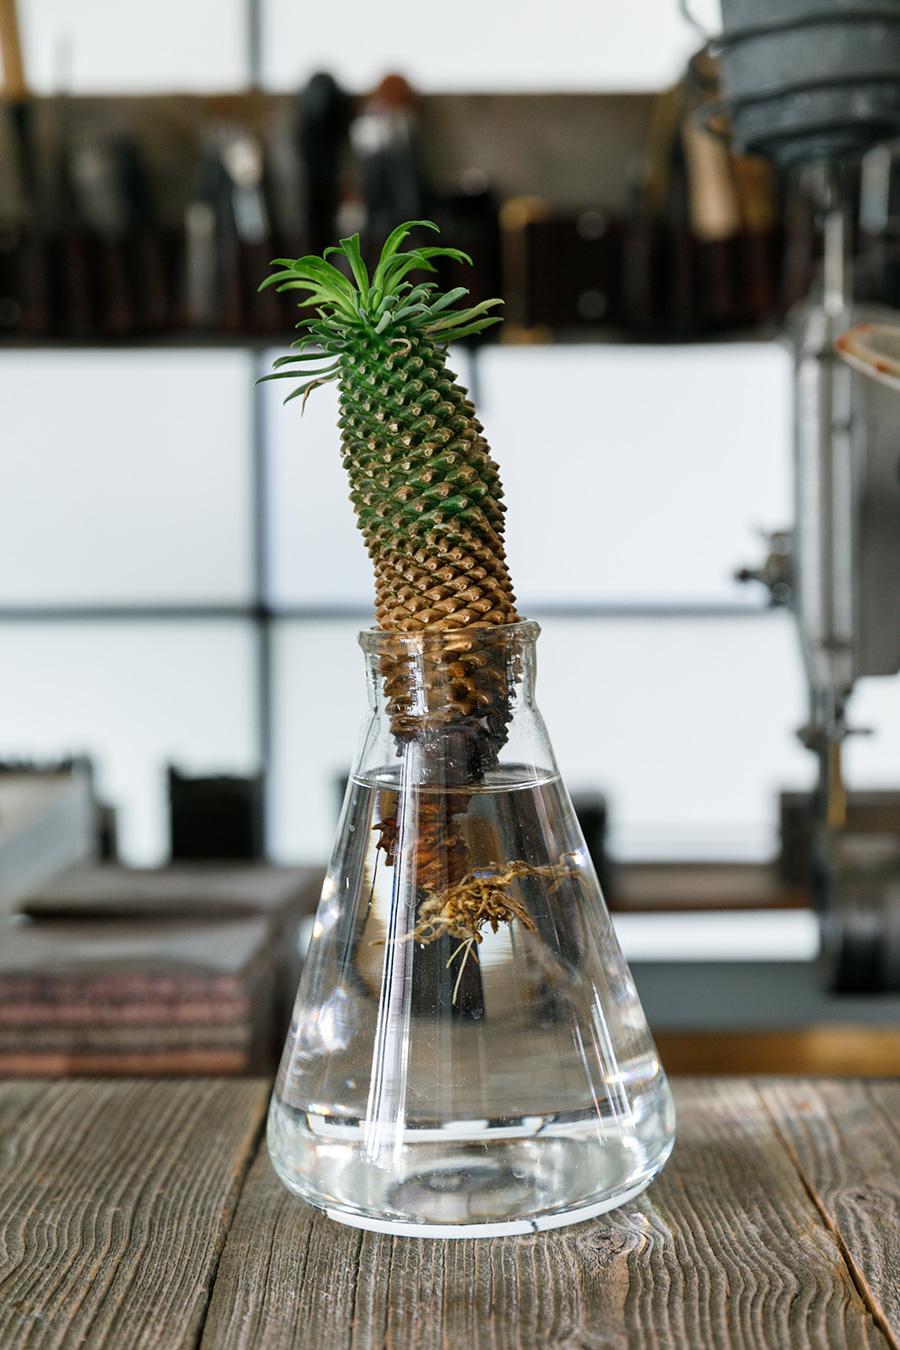 見た目がパイナップルにそっくりな、ユーフォルビア・パイナップルコーン。サボテンのように見えるけれど、これも多肉植物だ。茎の下のほうが水に向かって成長している。